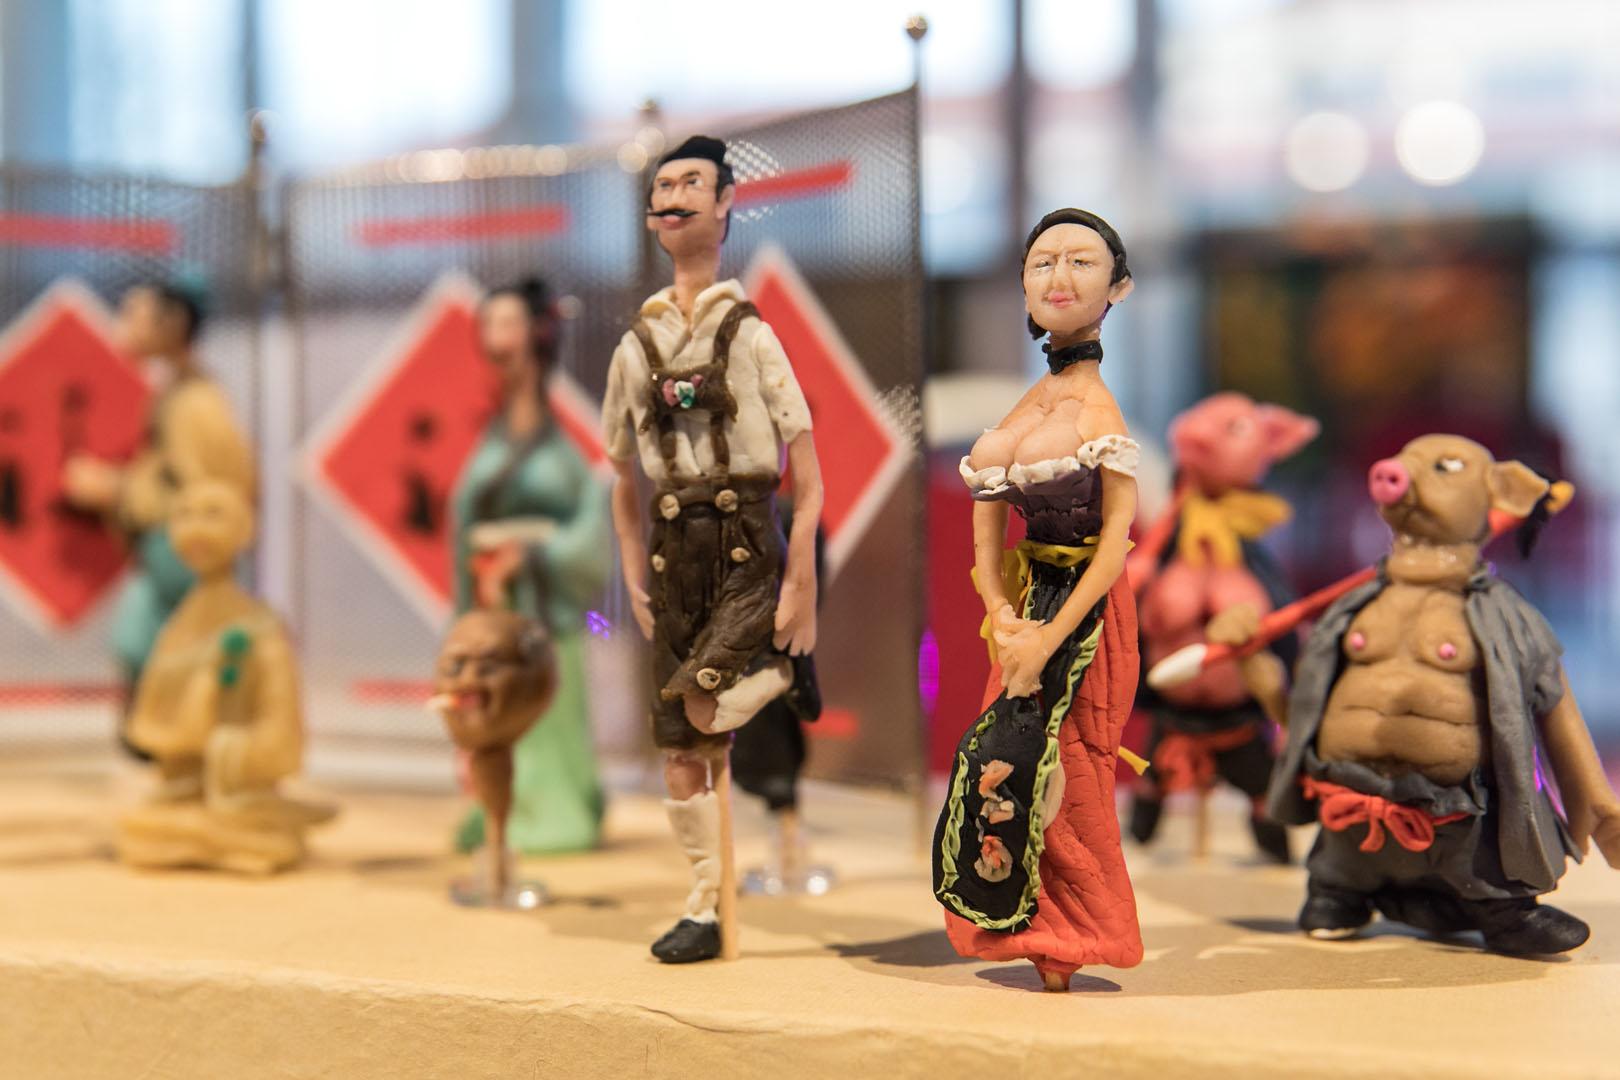 Traditionelle chinesische Teigfiguren